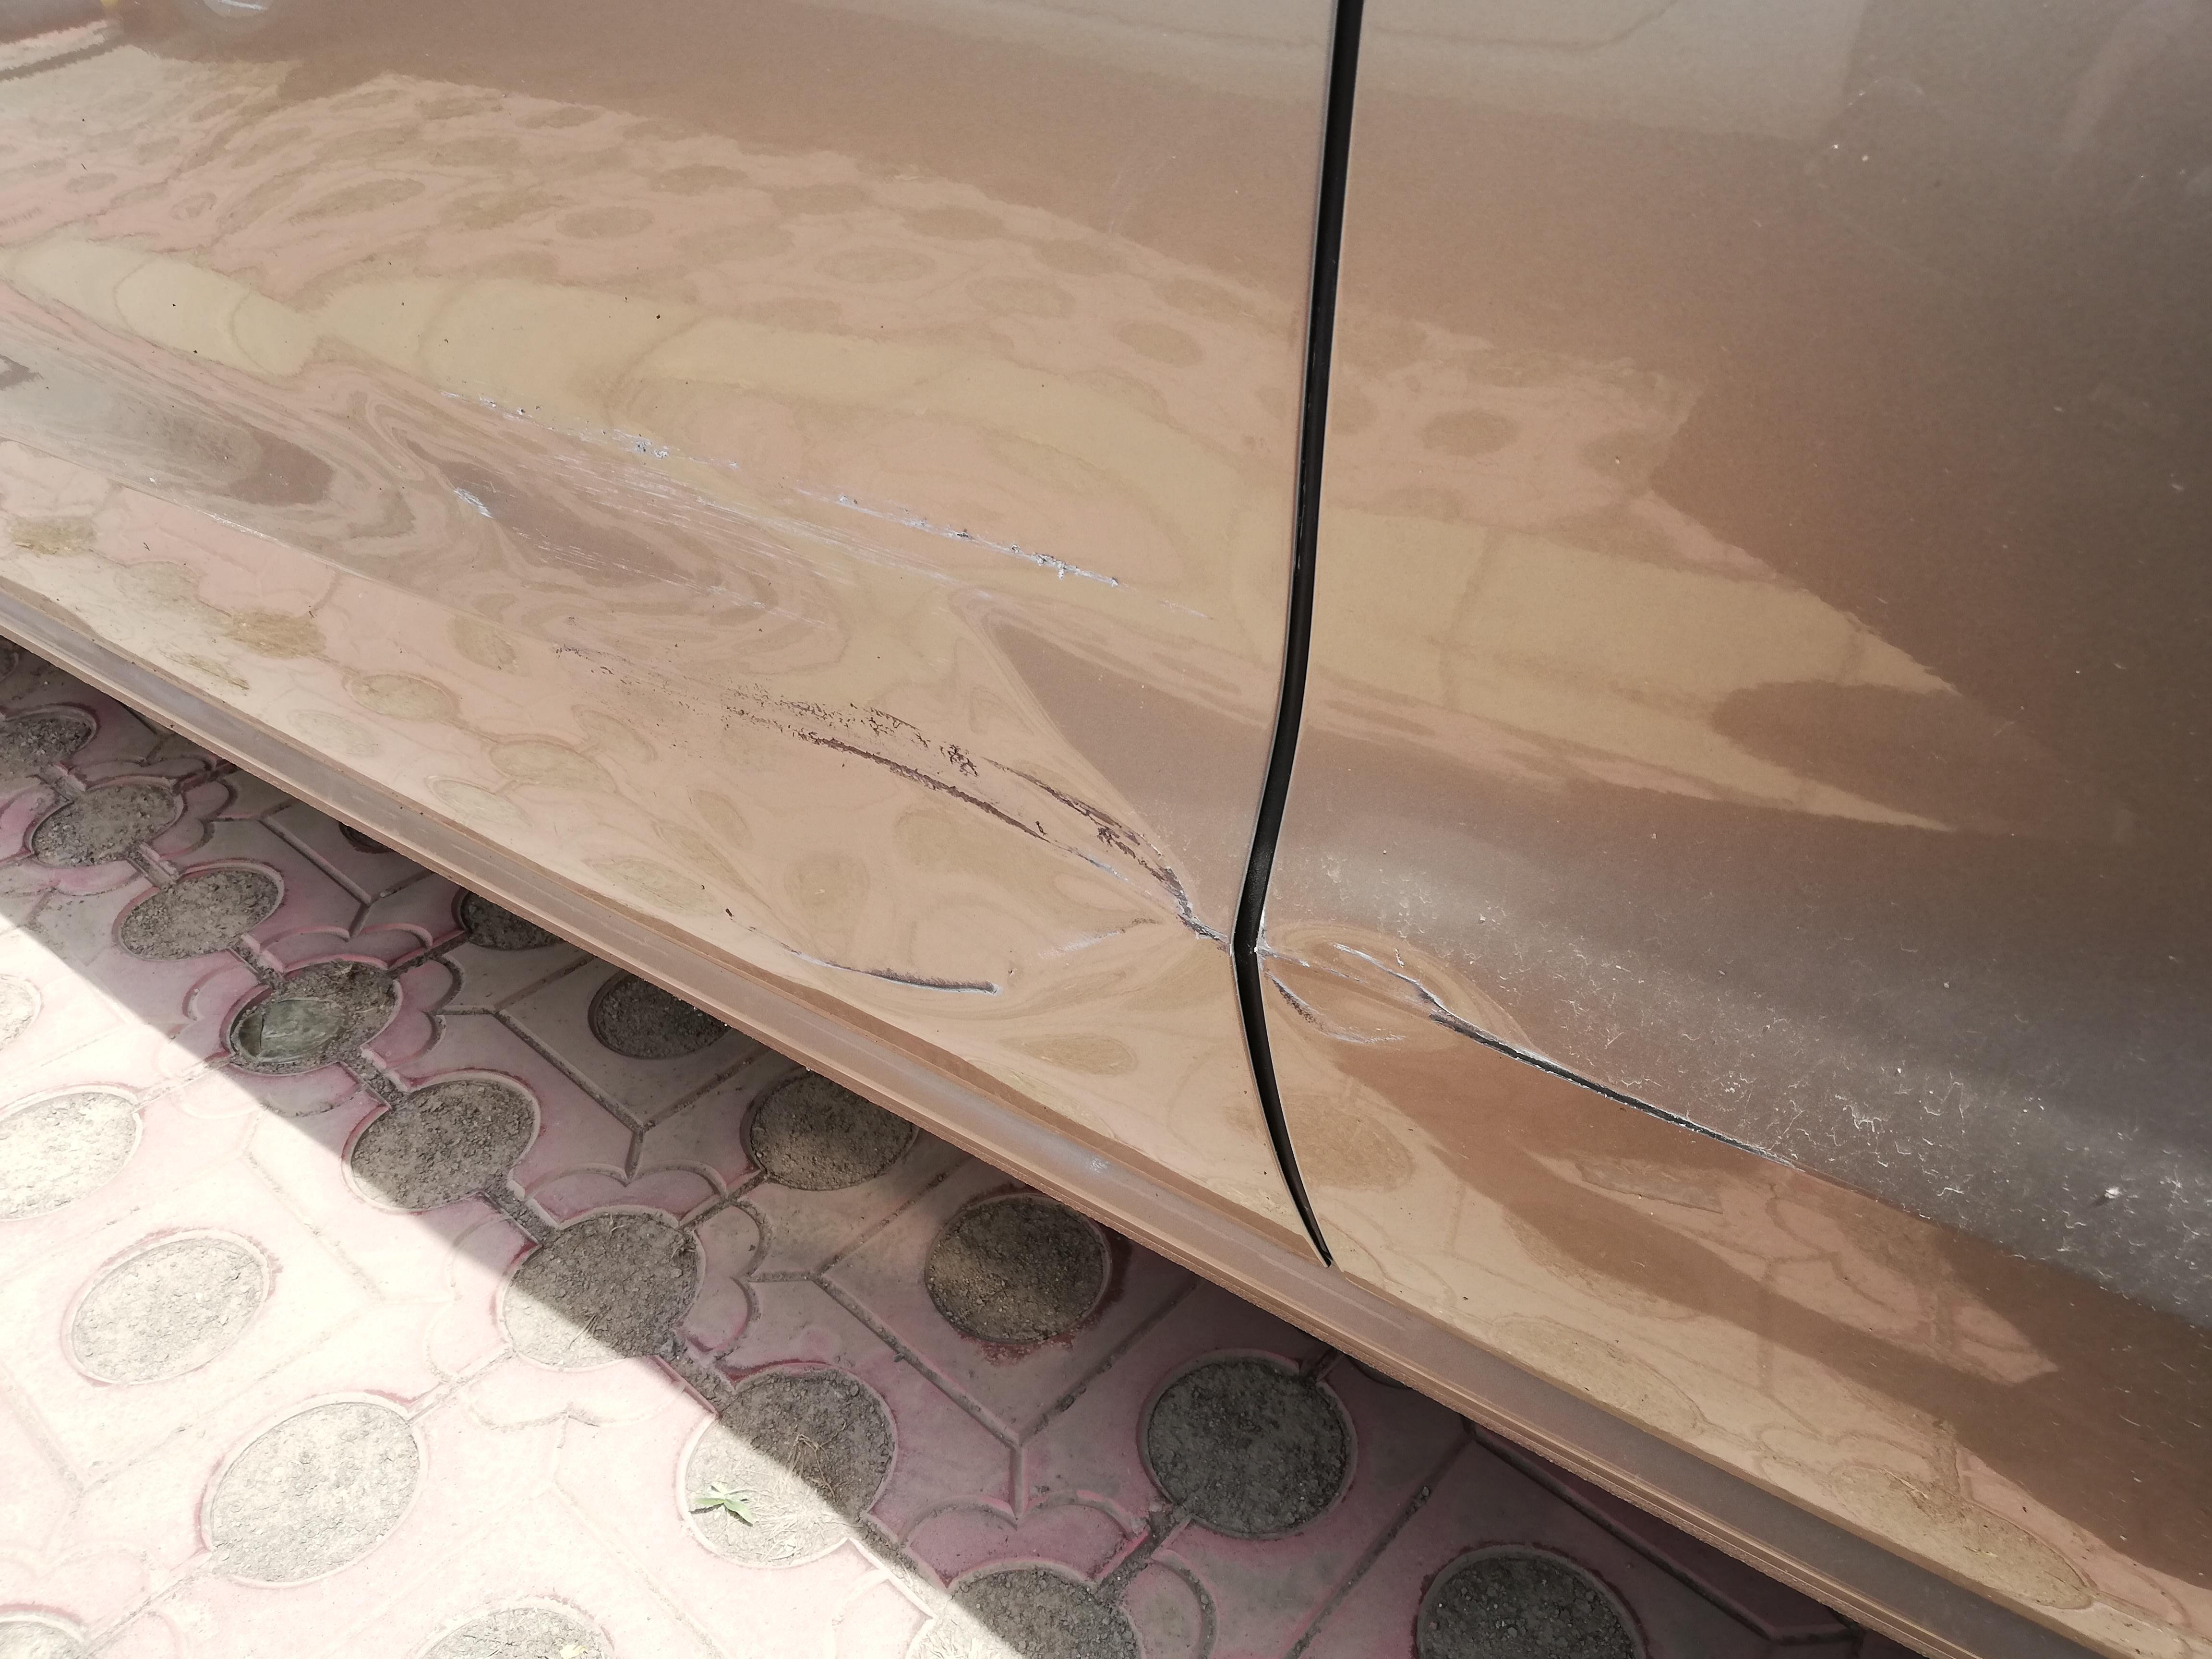 主驾驶门被撞痕迹明显